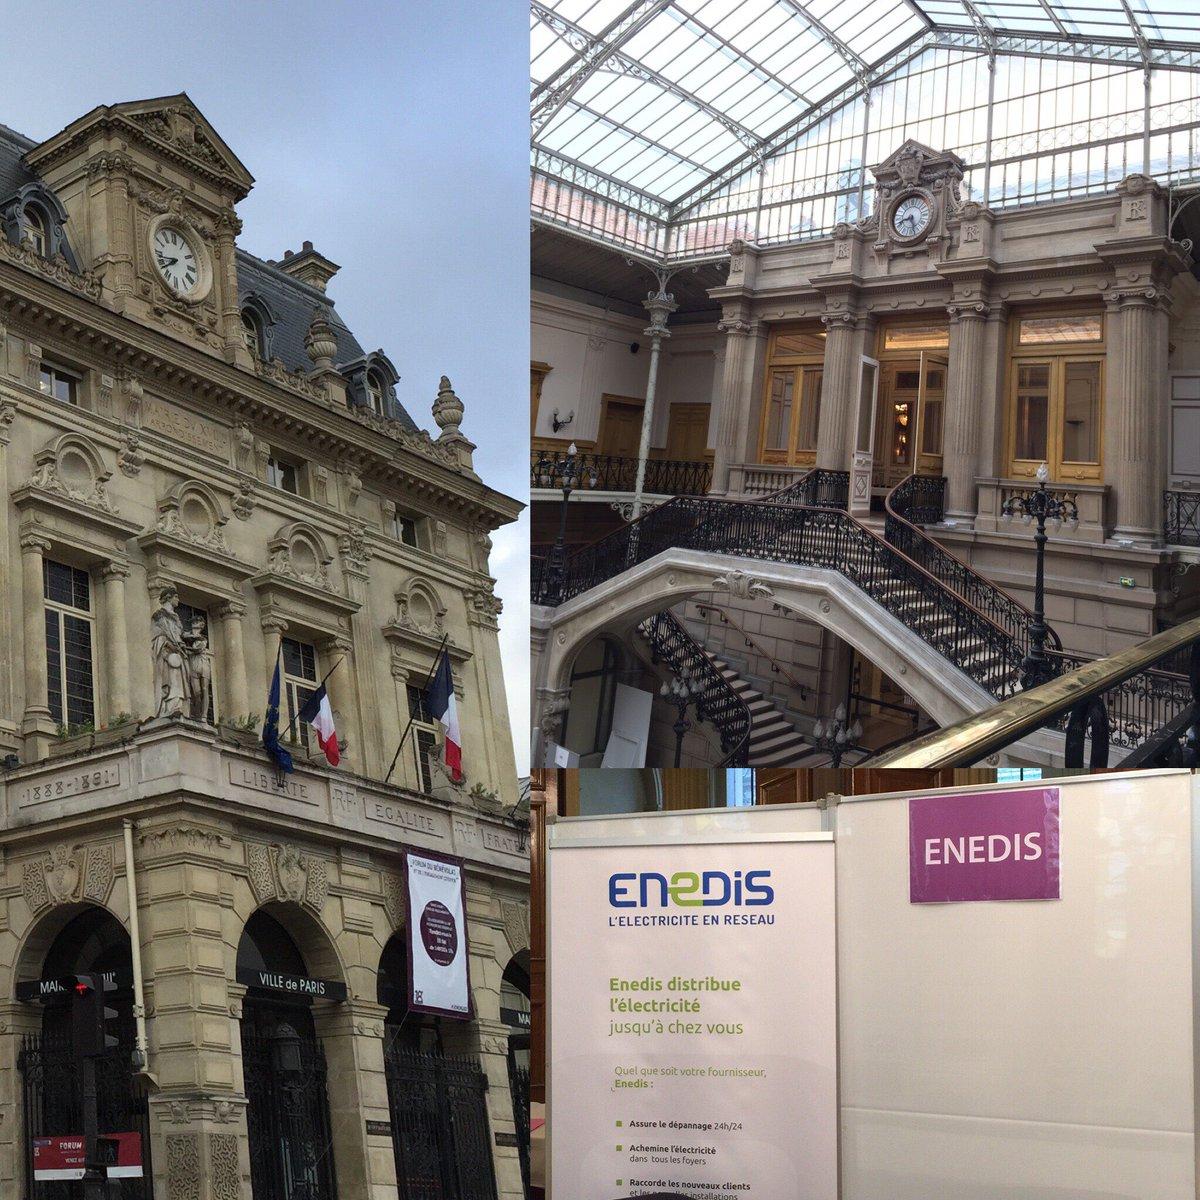 #mairie18paris @enedis_paris présent au Forum de l'emploi avec #poleemploipic.twitter.com/qsubz2bS7M